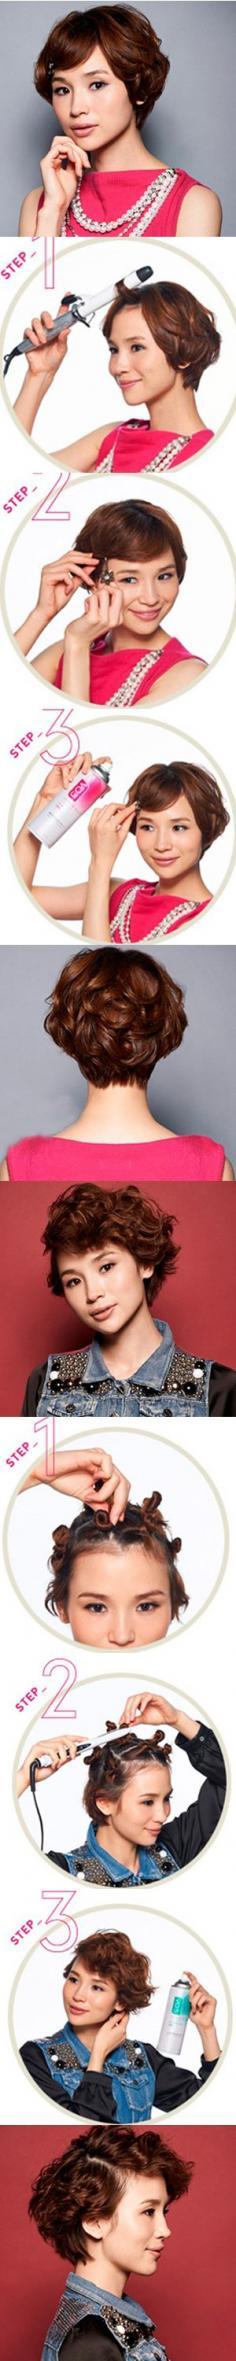 短发怎么打理 韩式轻熟范烫发教程详解